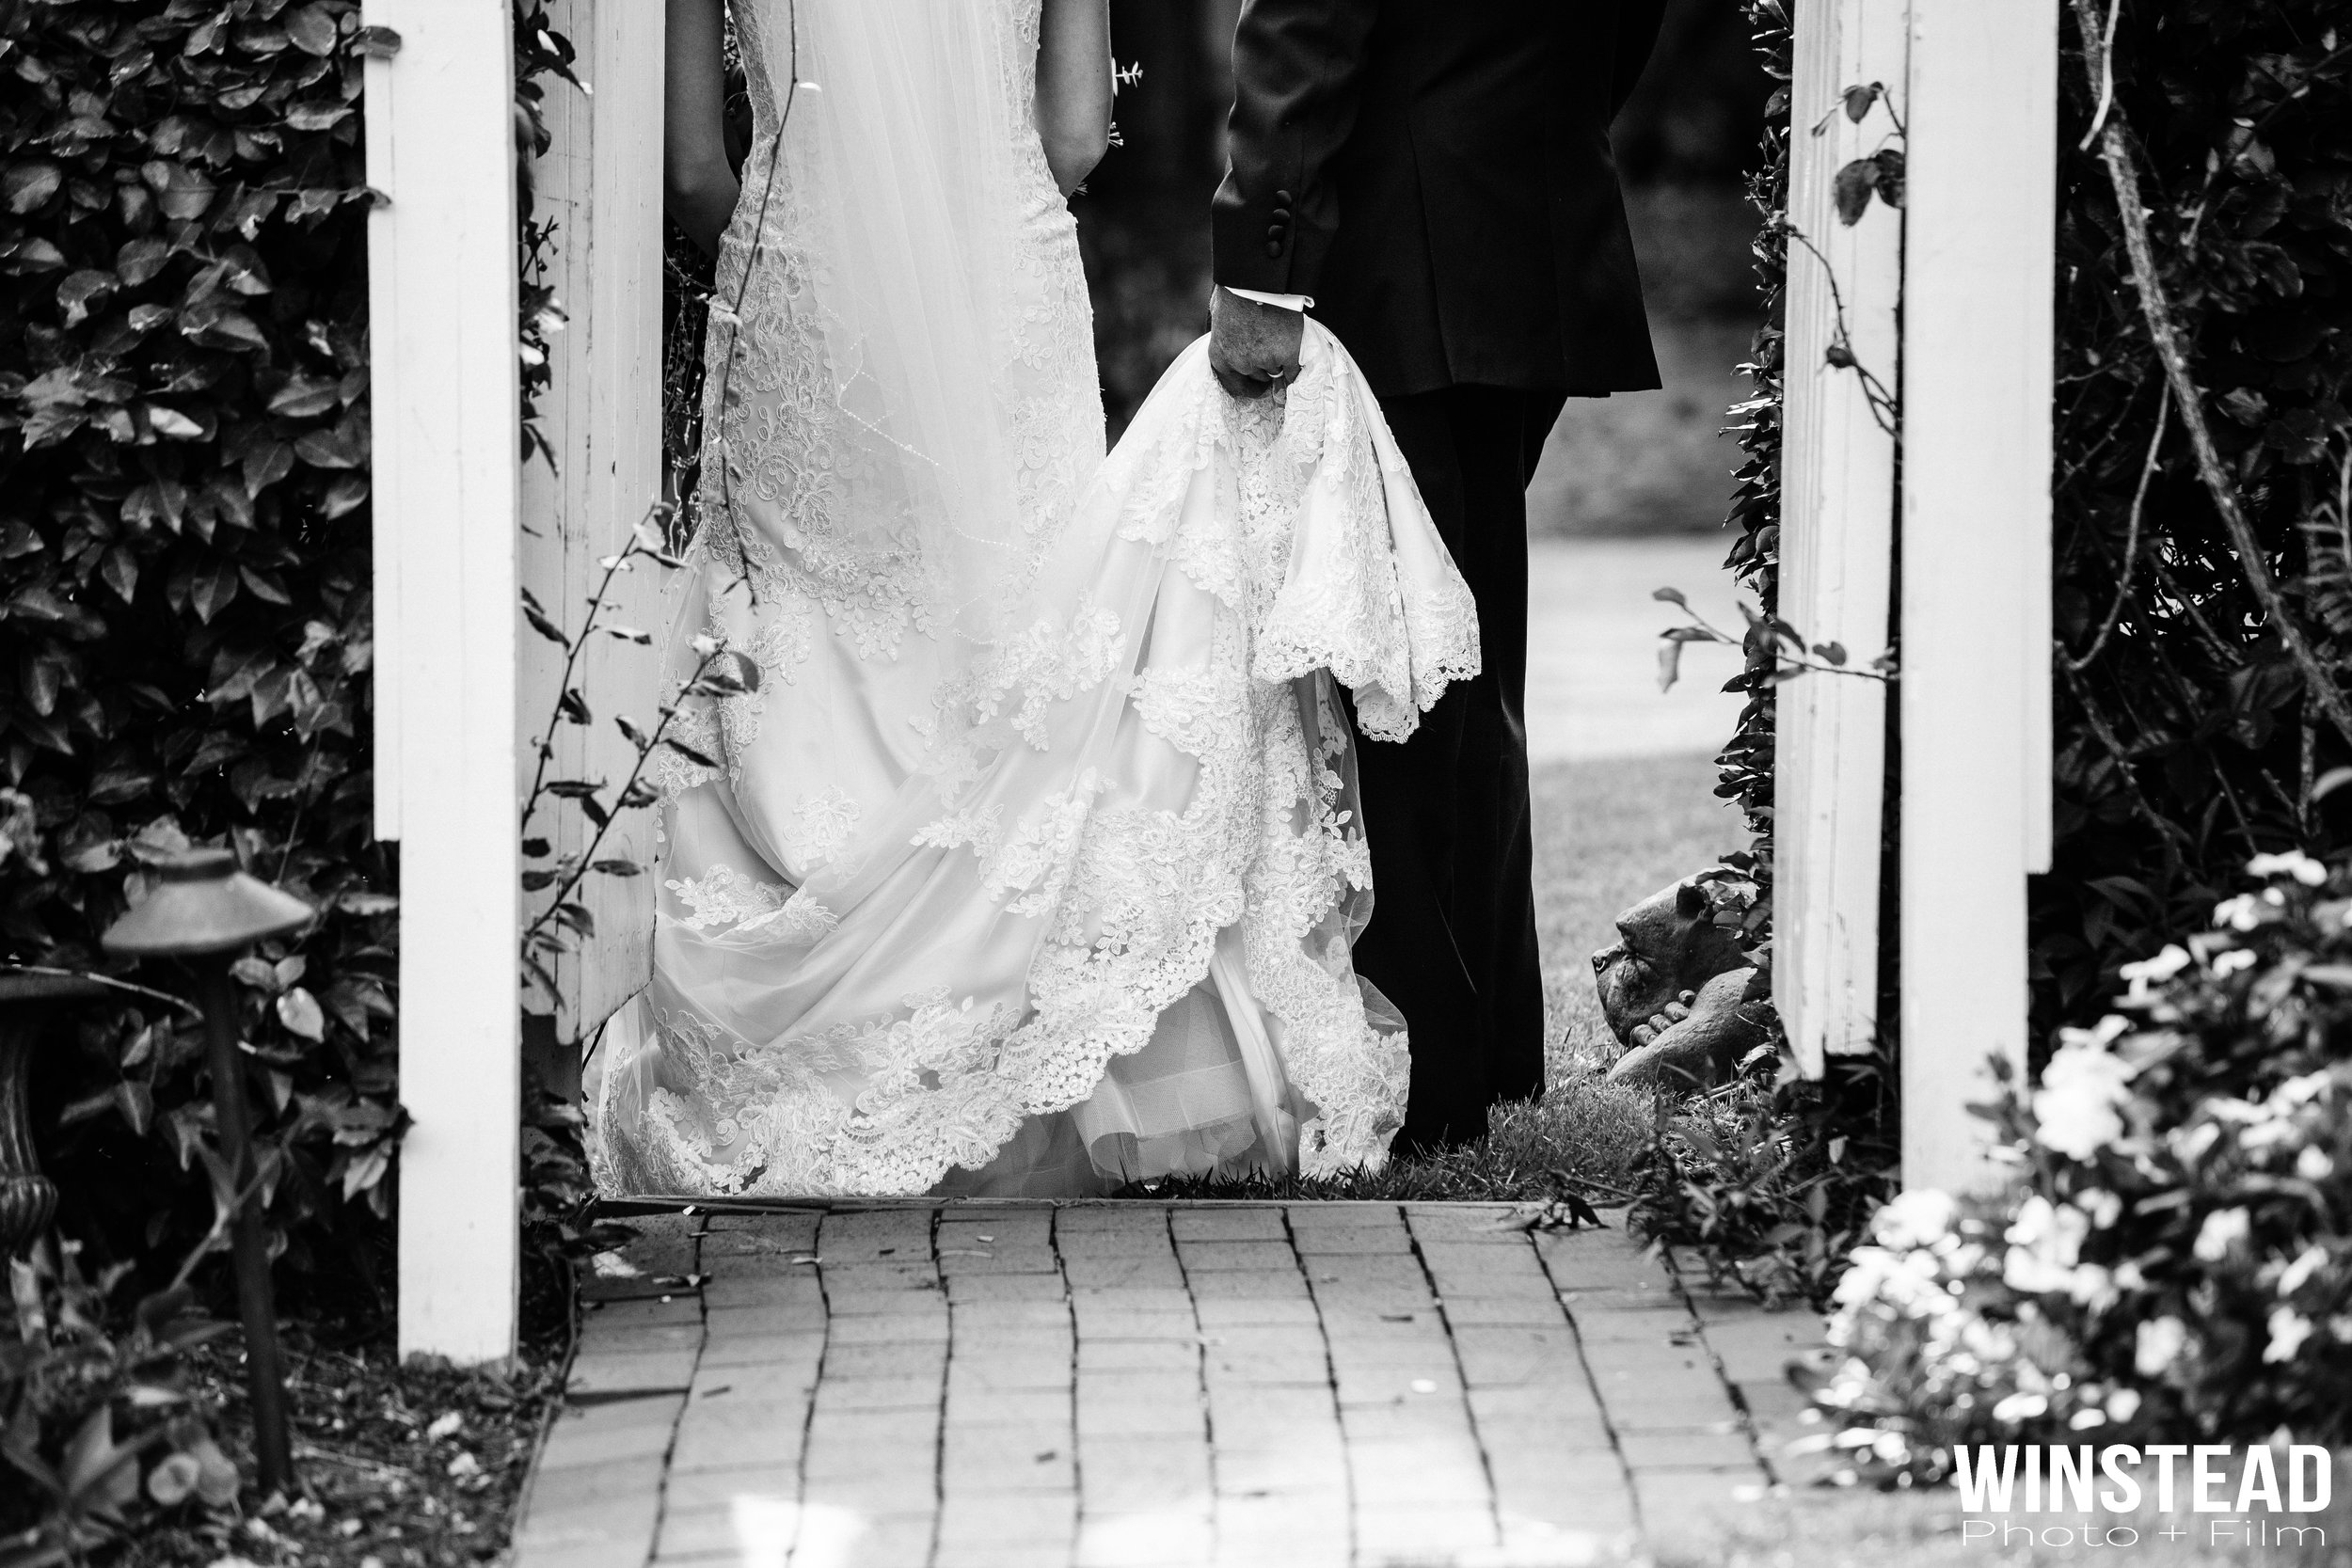 watson-house-emerald-isle-nc-wedding-018.jpg